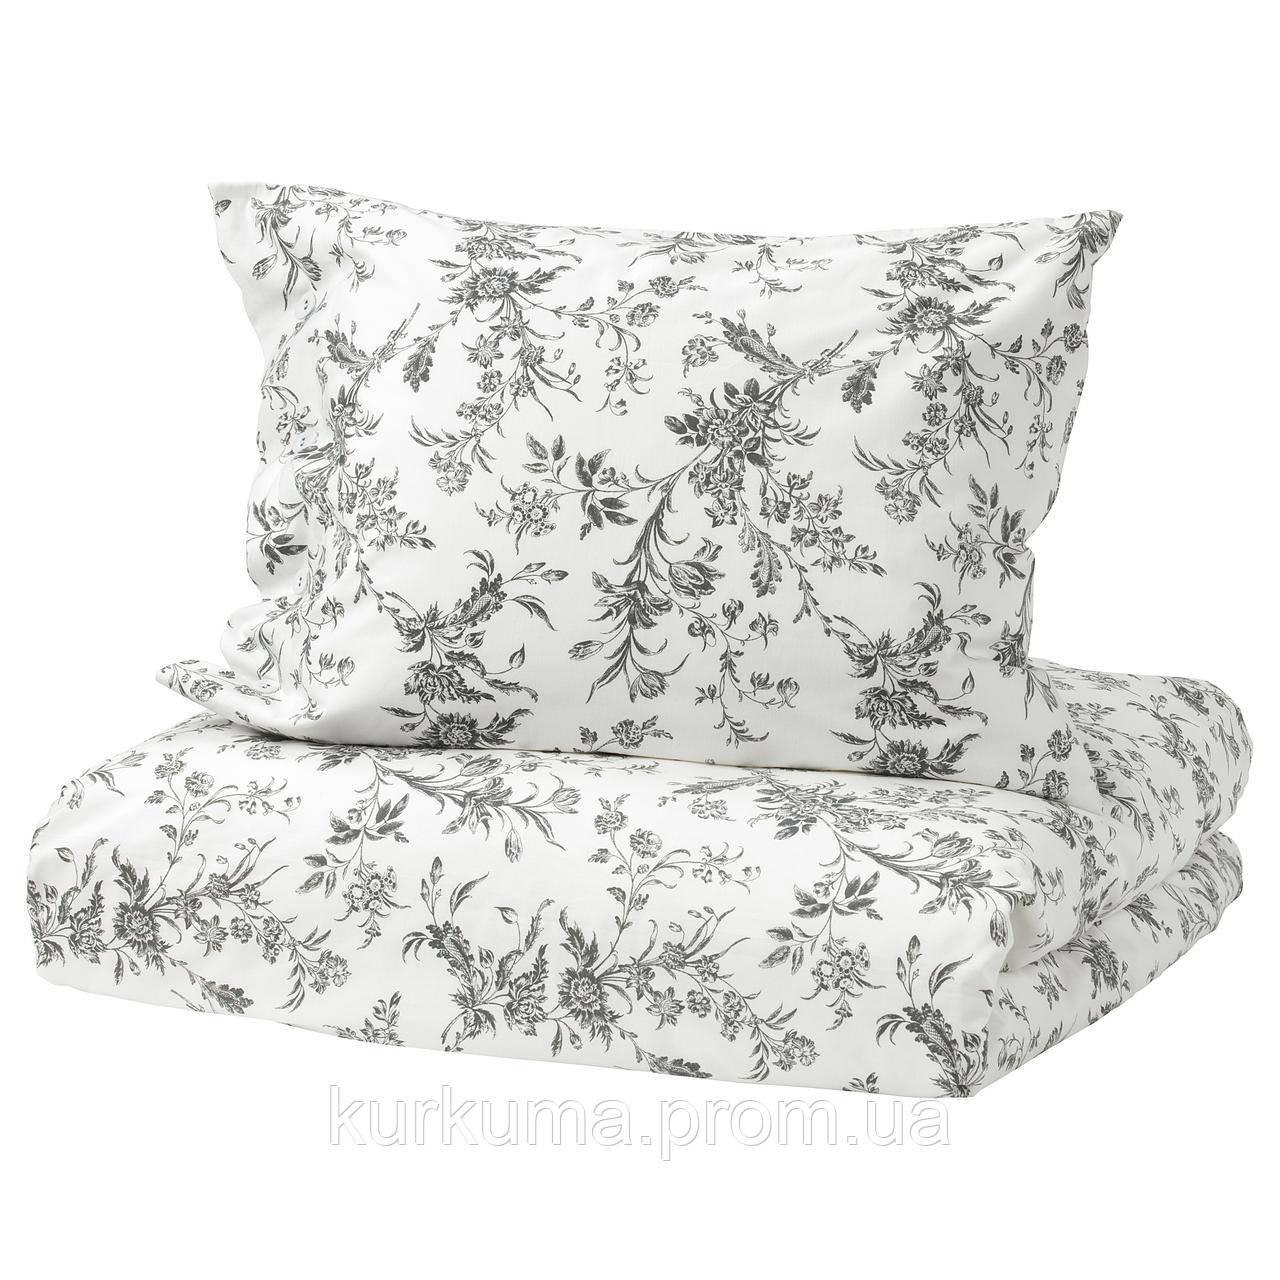 IKEA ALVINEKVIST Комплект постельного белья, белый, серый  (101.596.31)